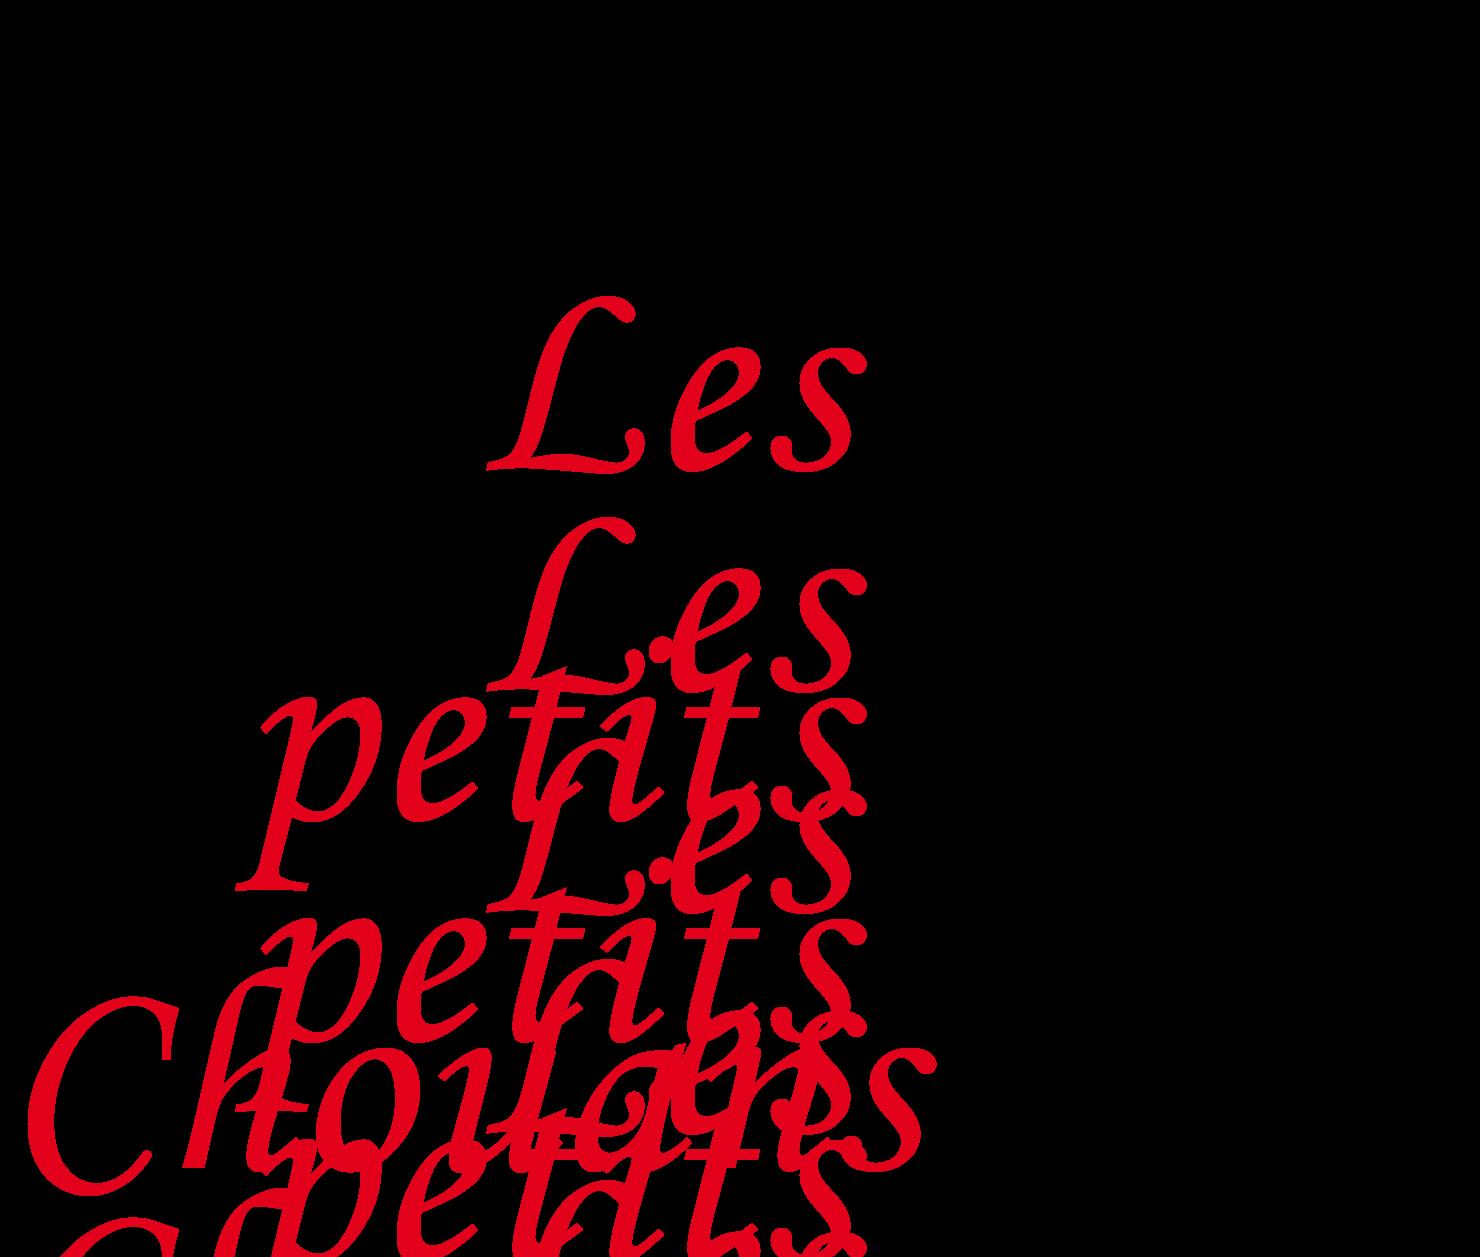 Editions des Petits Chouans